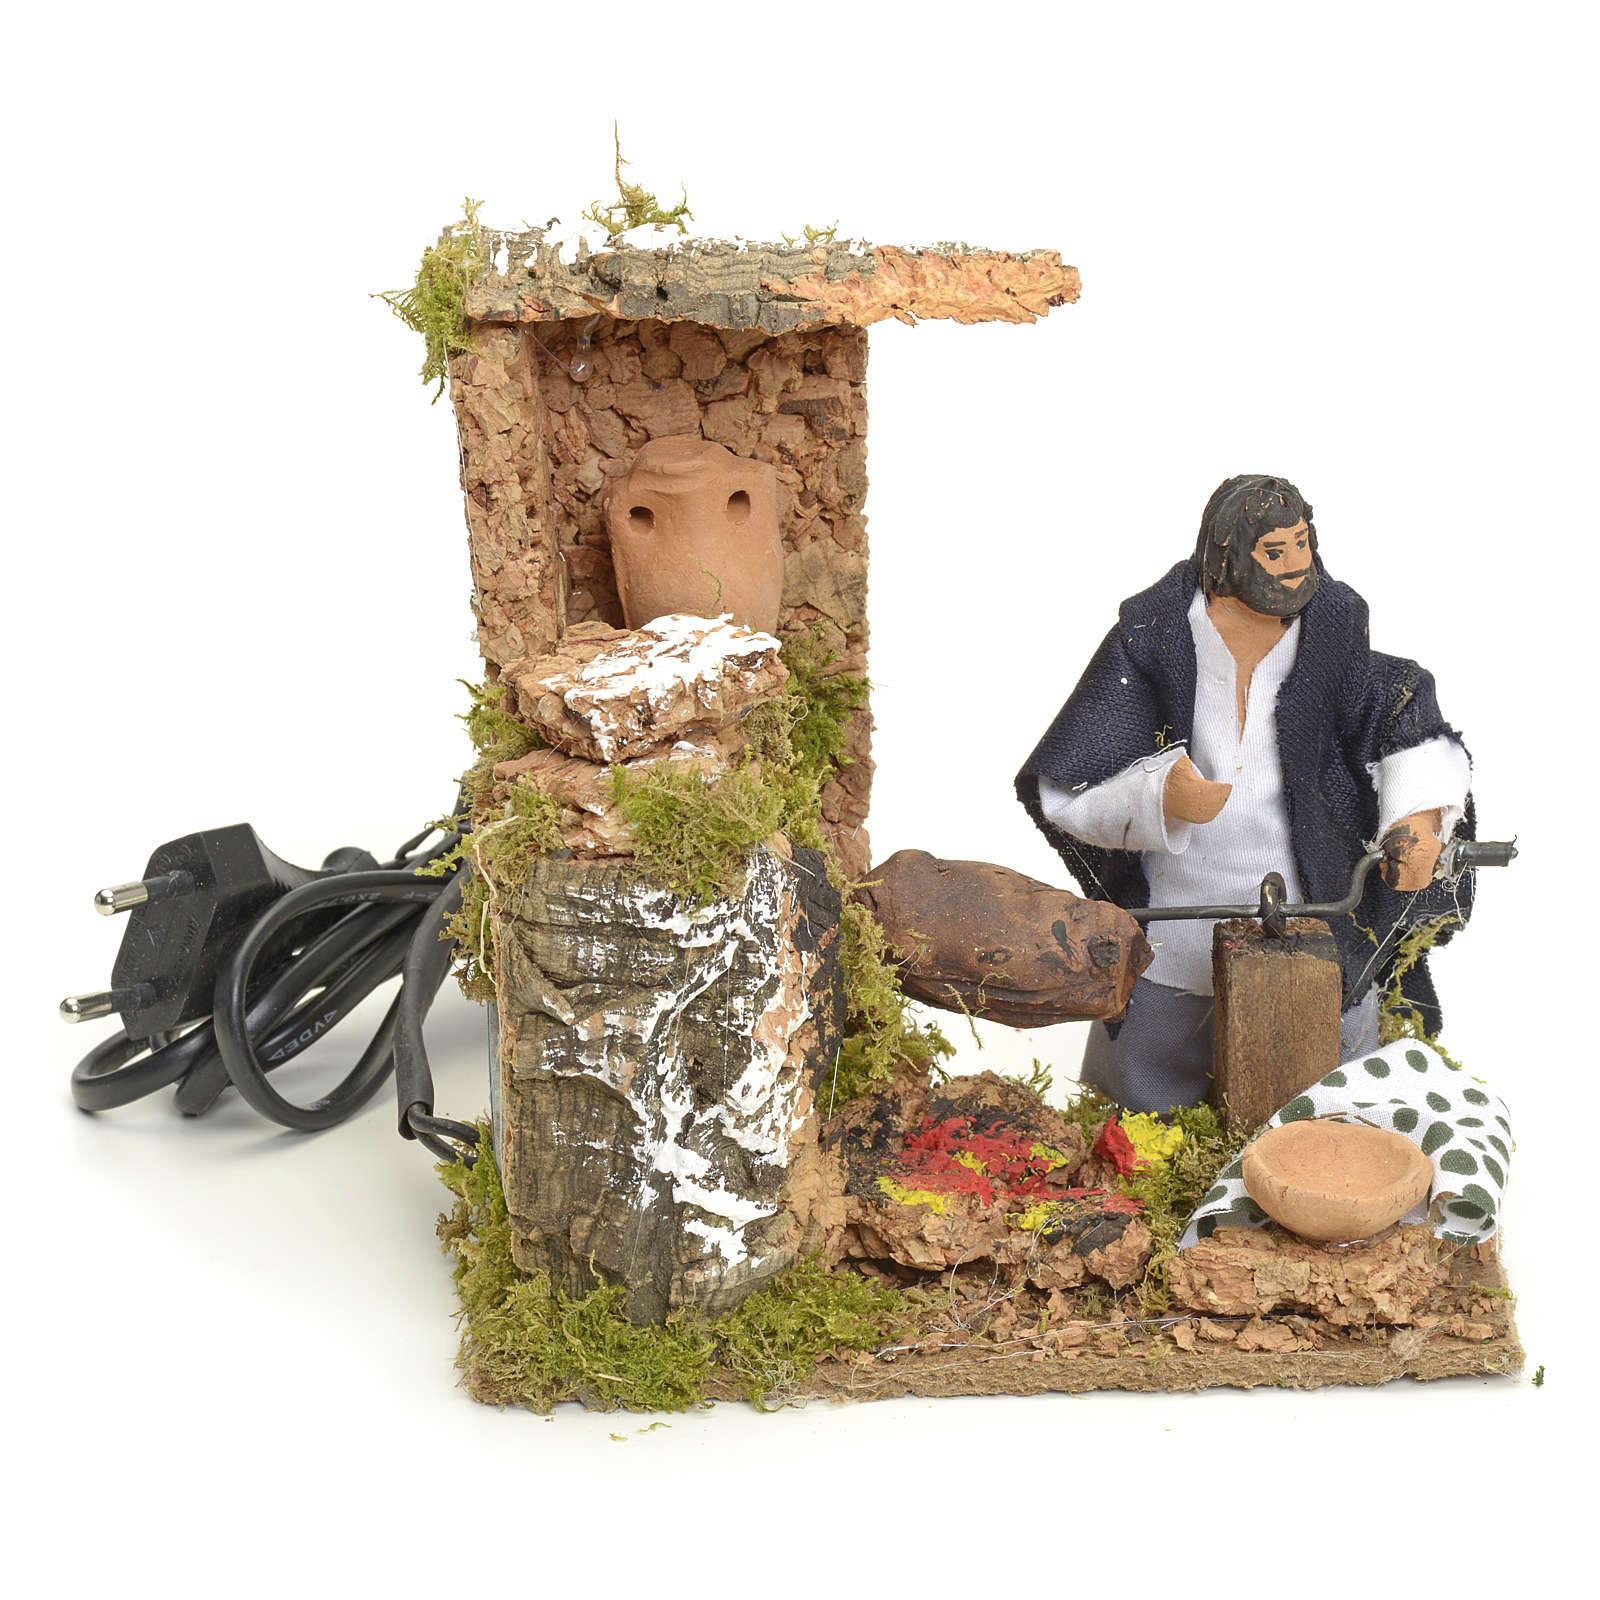 Animated manger scene setting, barbeque 8 cm 3